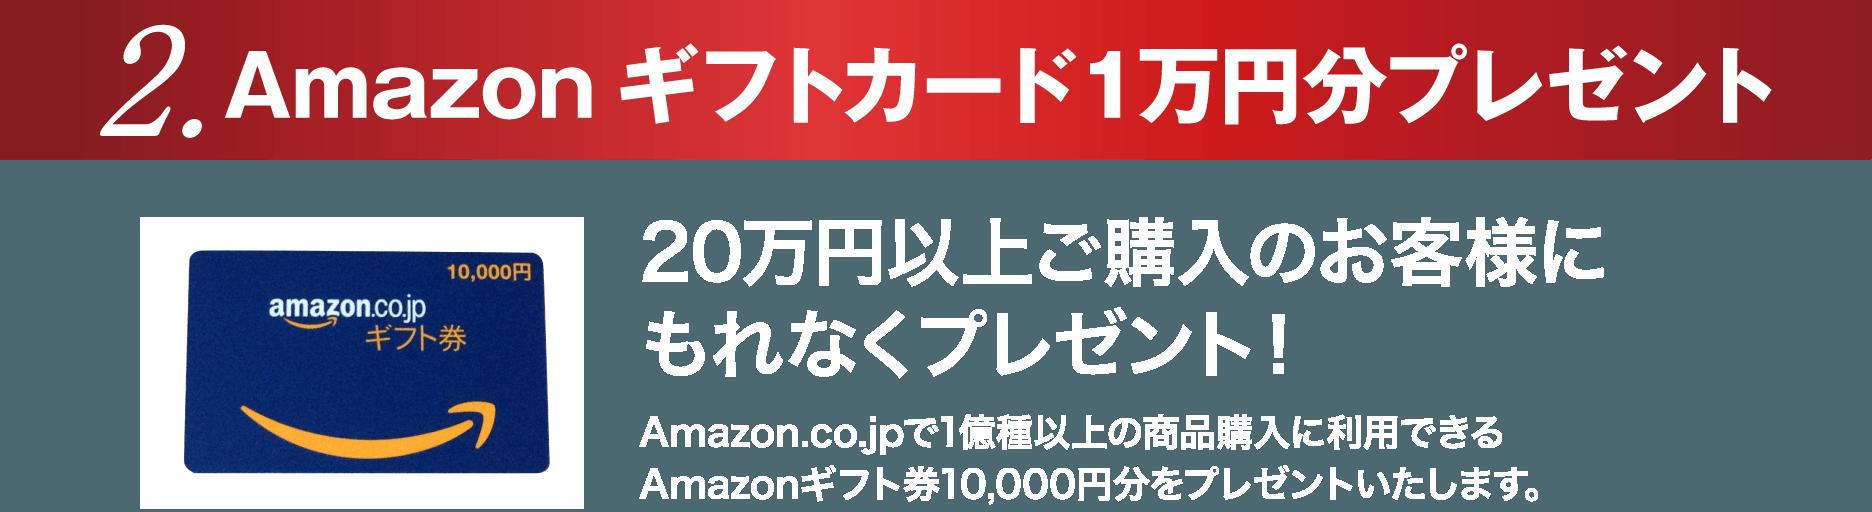 2. お好きなギフトカード1万円分プレゼント